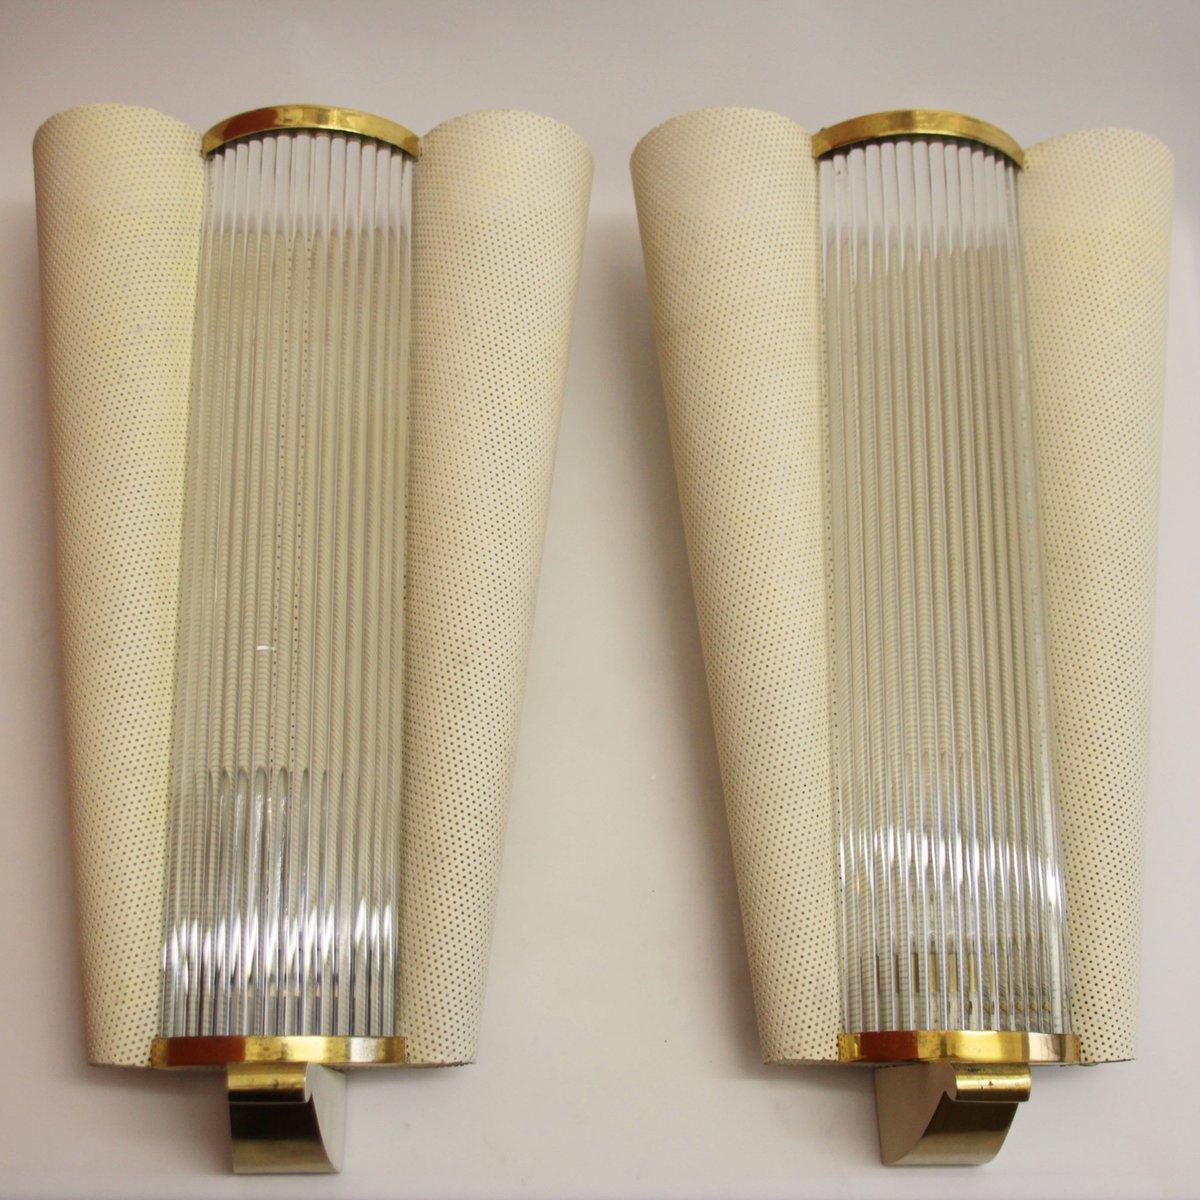 Französische Mid-Century Wandlampen mit Glasstäben von Petitot, 1950er...